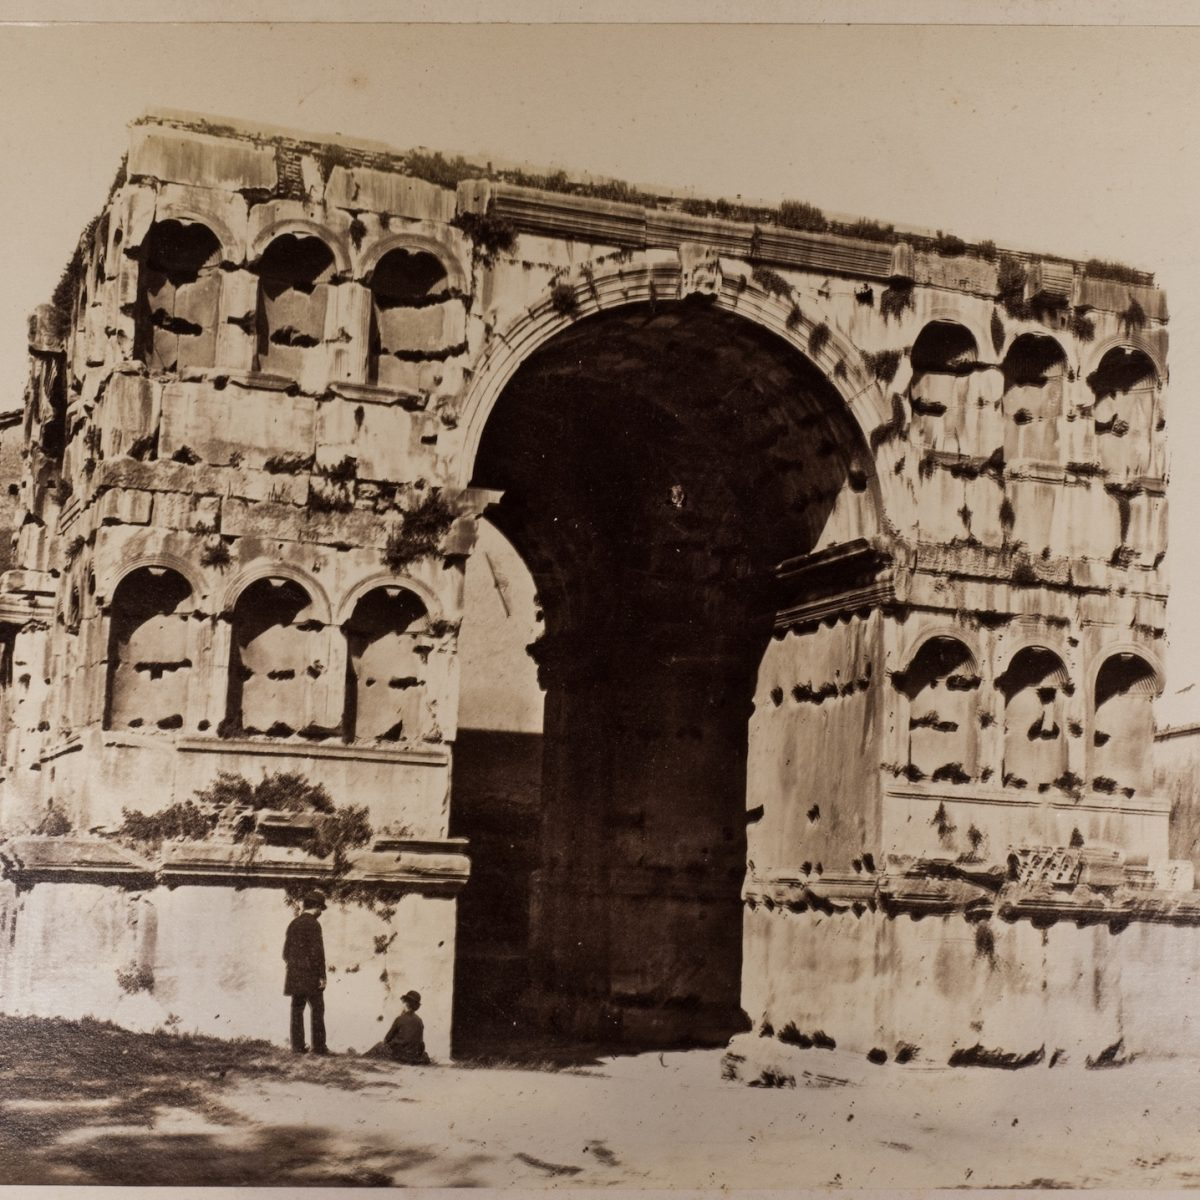 L-1090168 - Arco di Giano - 1860 ca